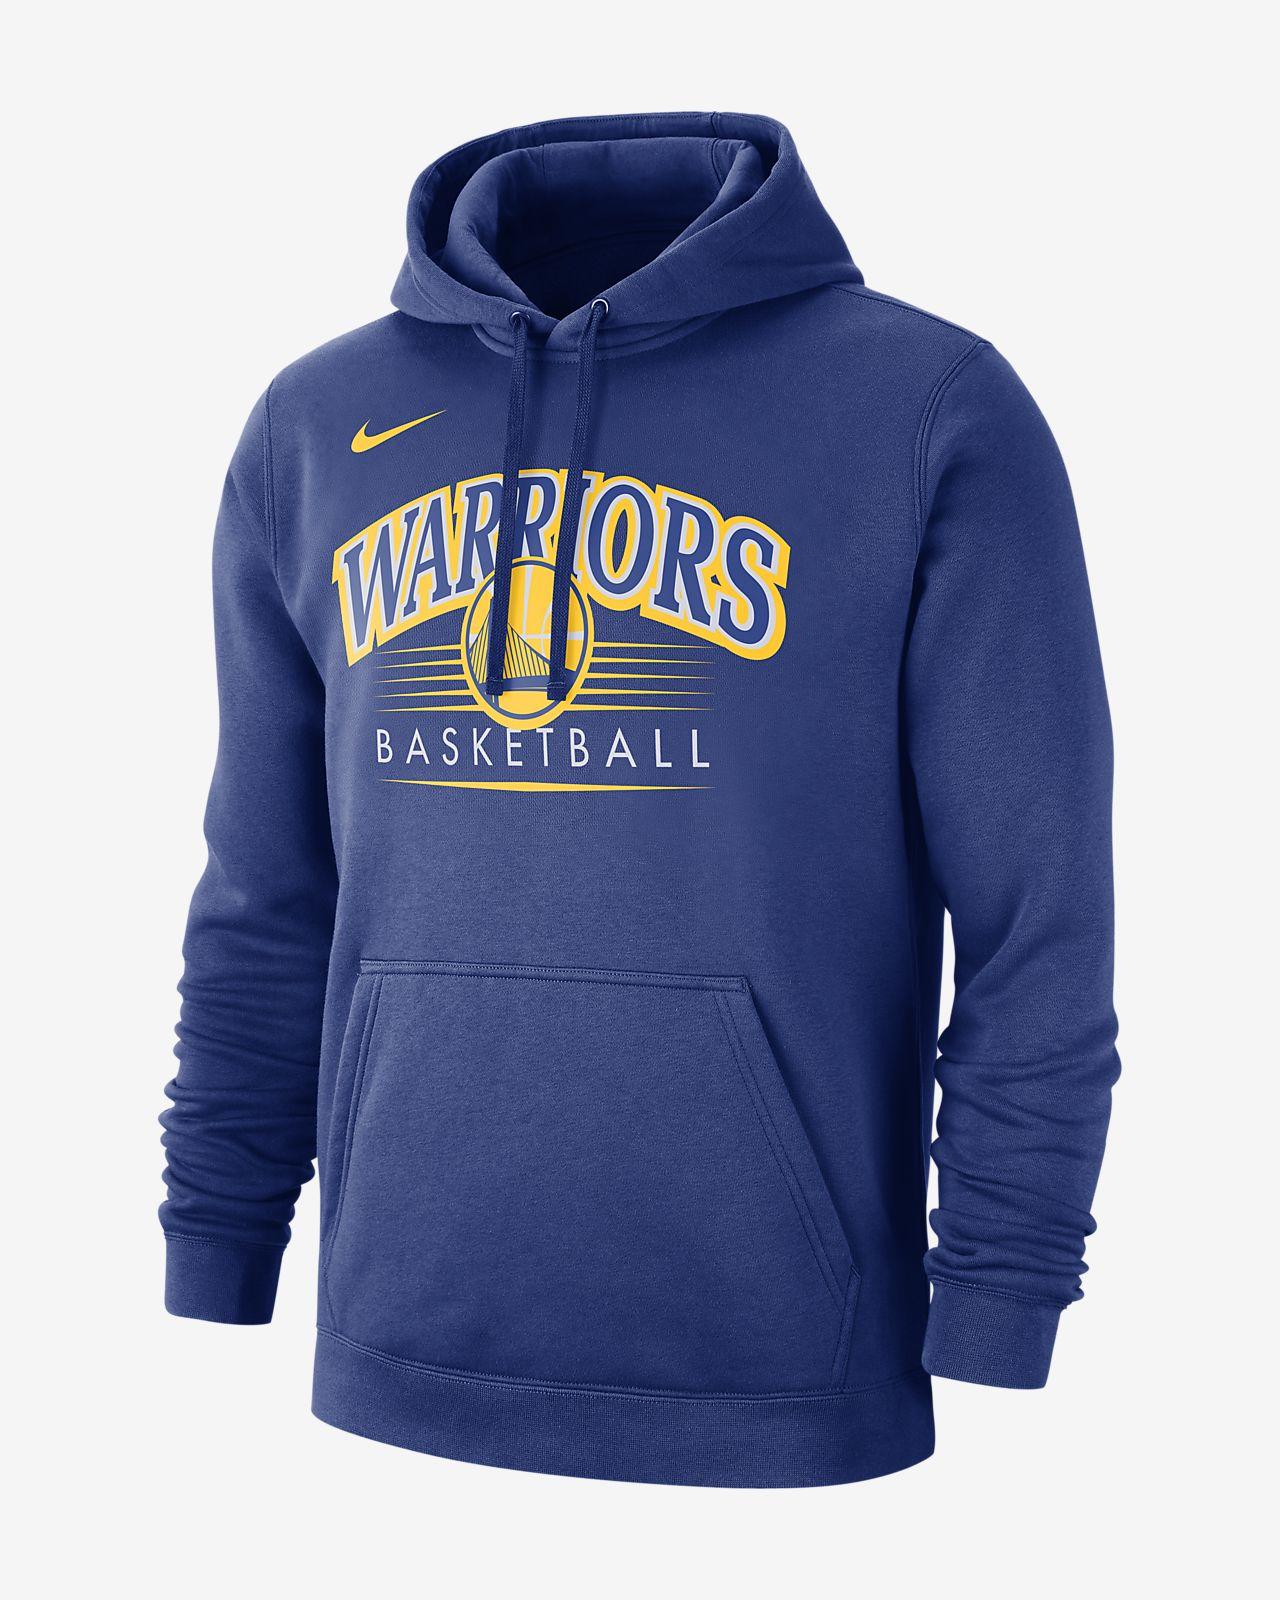 49ccce58c7dba Sudadera con capucha de NBA para hombre Golden State Warriors Nike ...